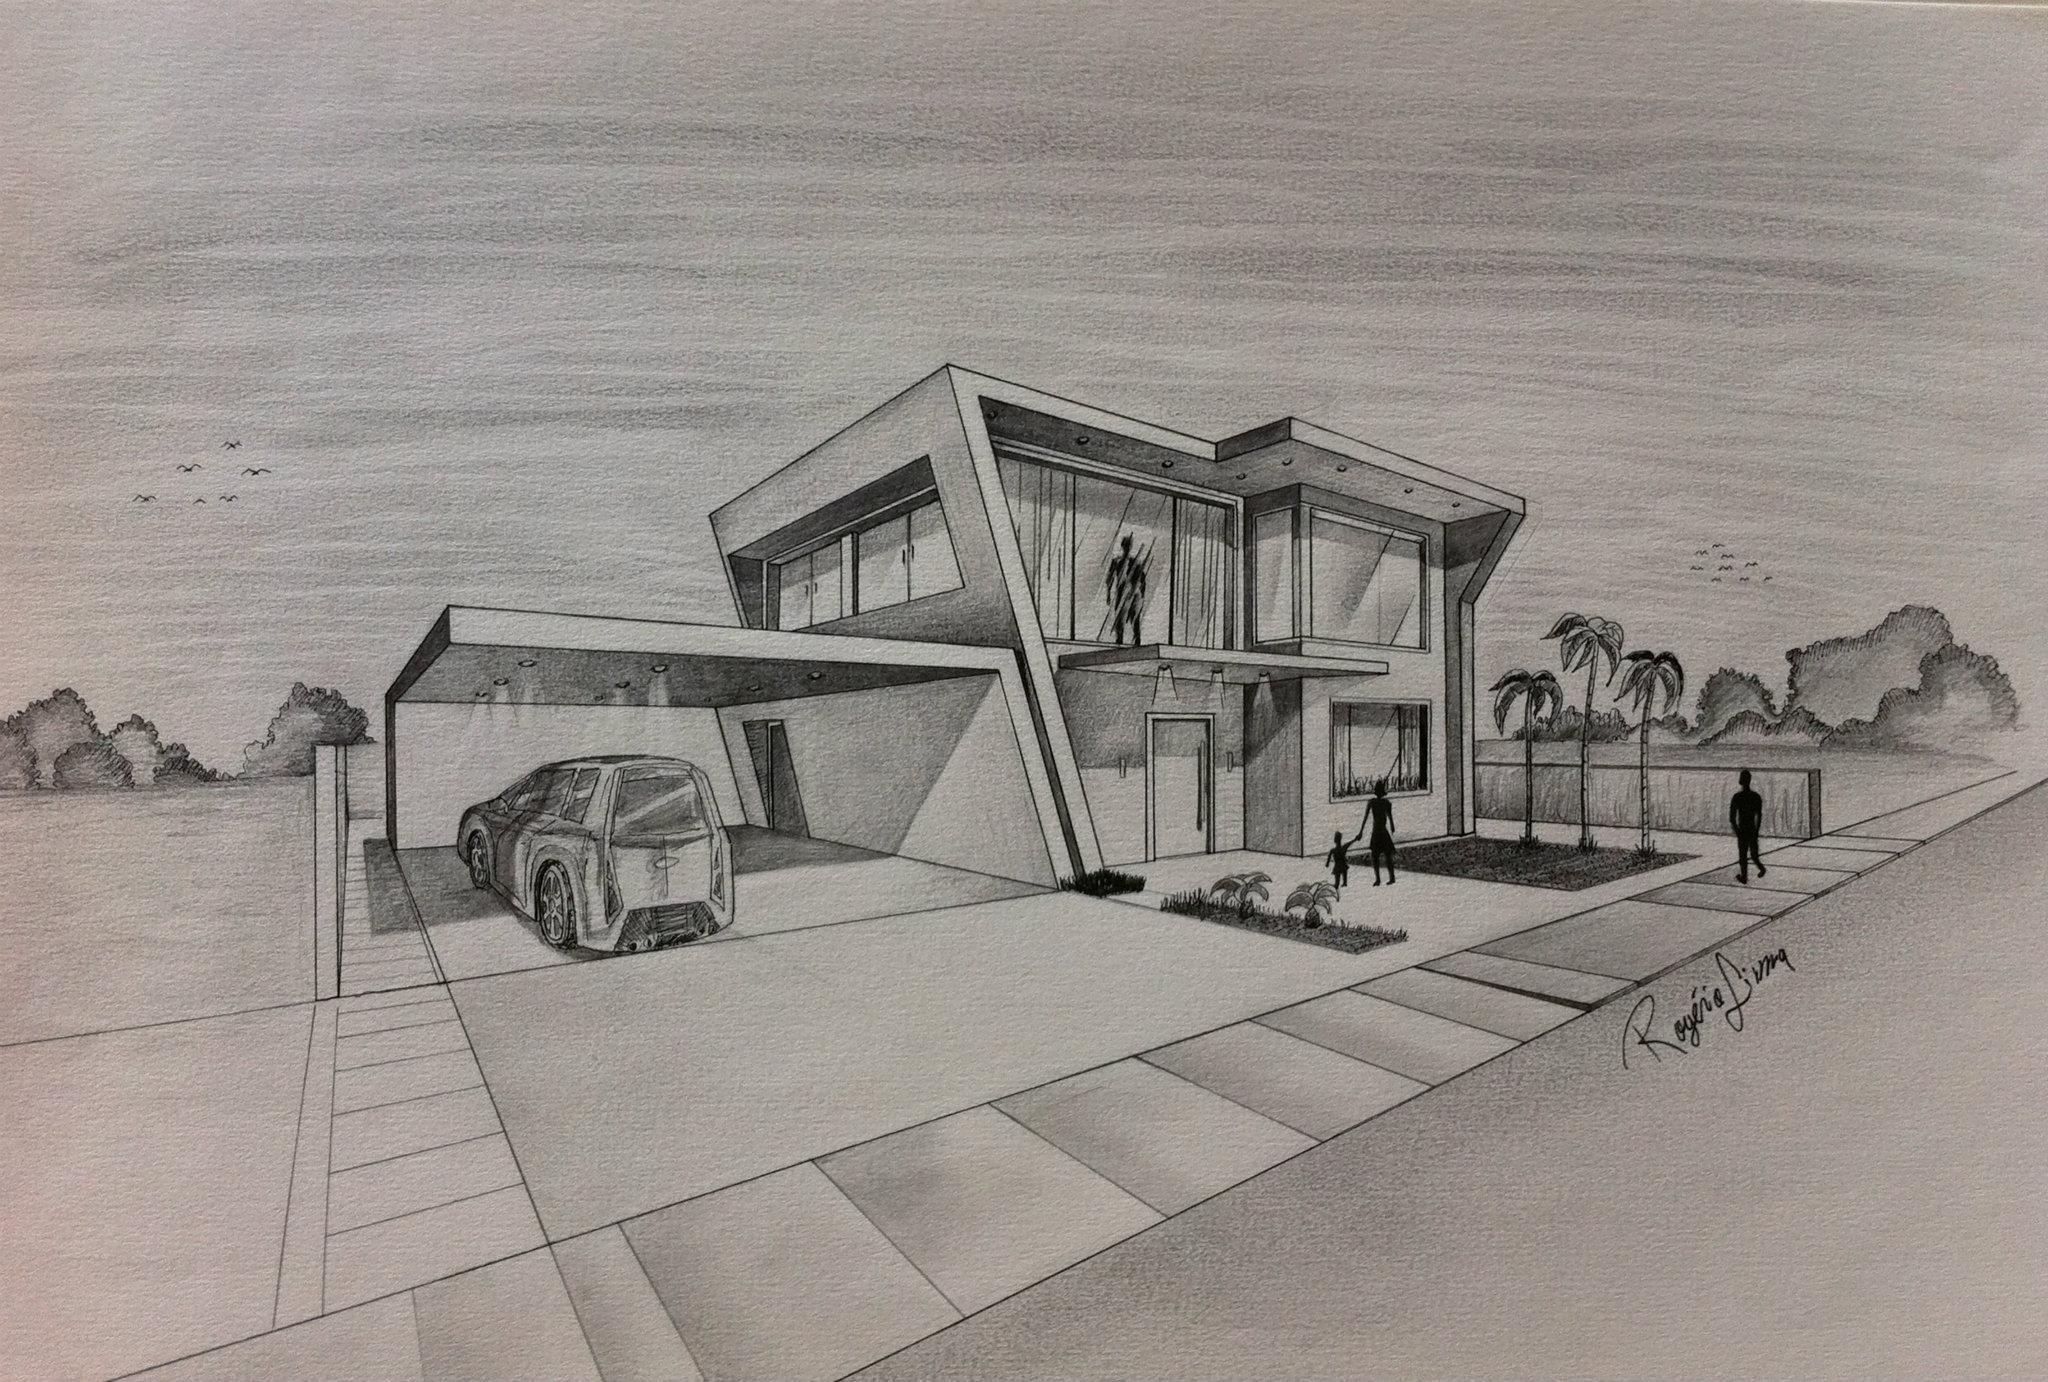 Designs Architectural Design House Plans Detailing House Plans Architecture Drawing Perspective Drawing Architecture Architecture Design Drawing